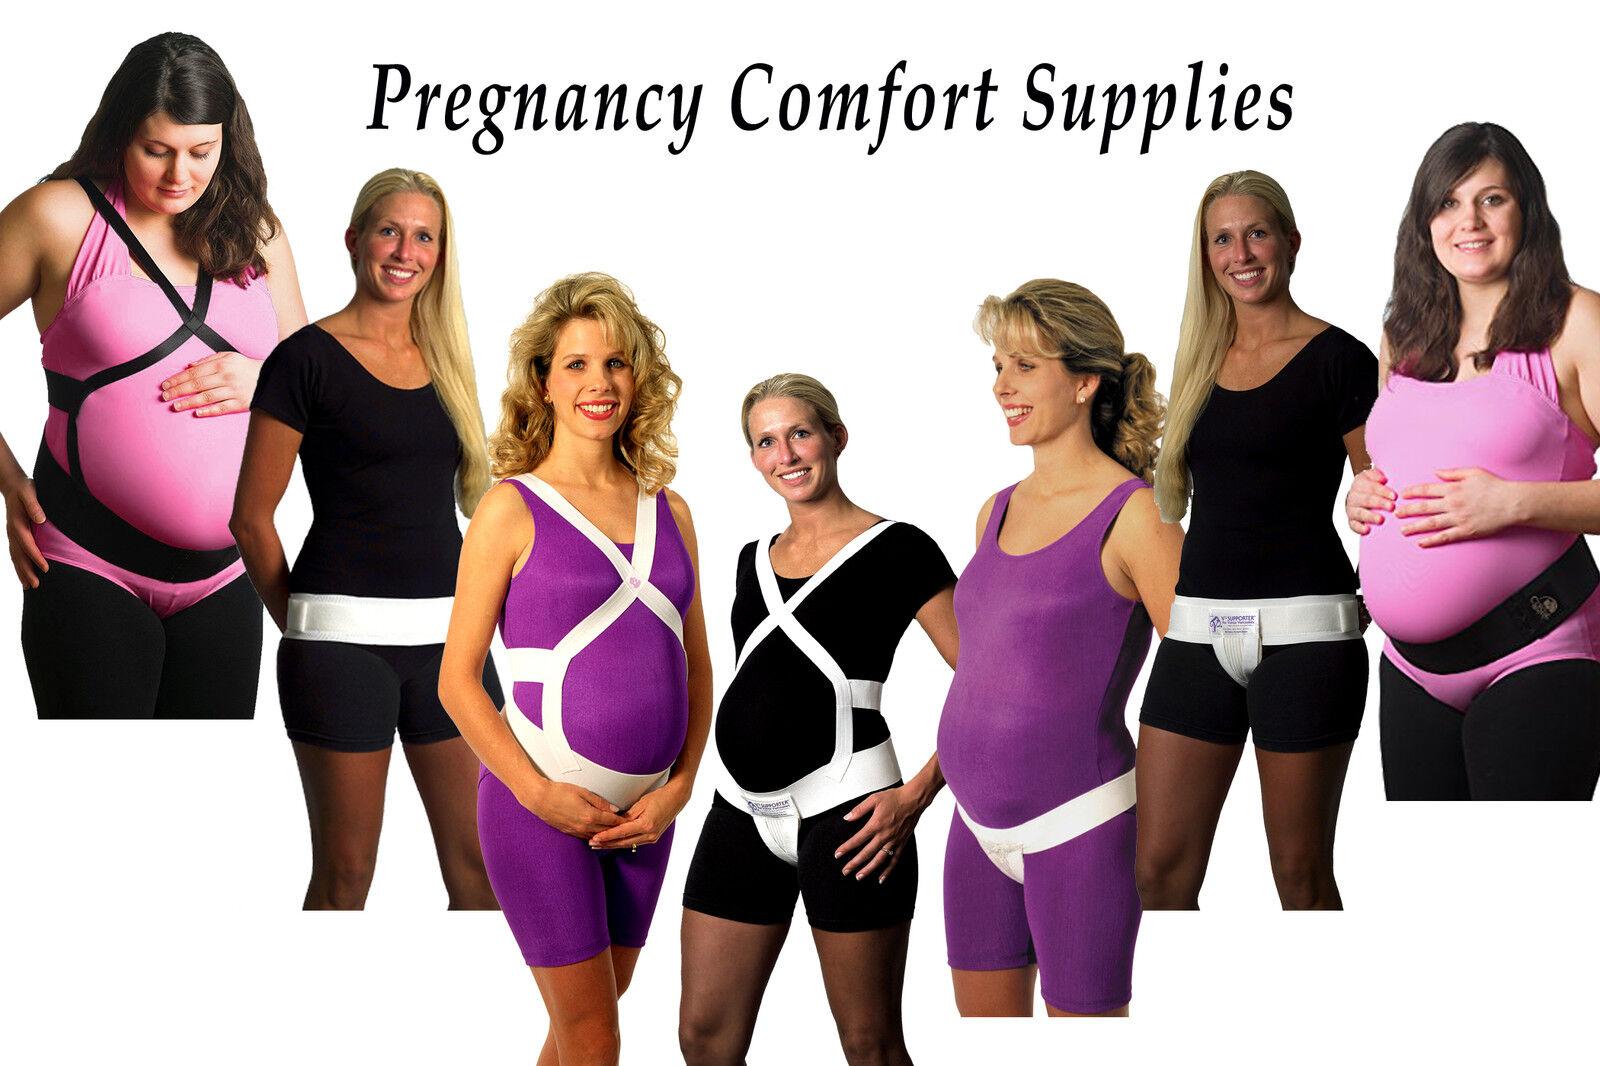 Pregnancy Comfort Supplies